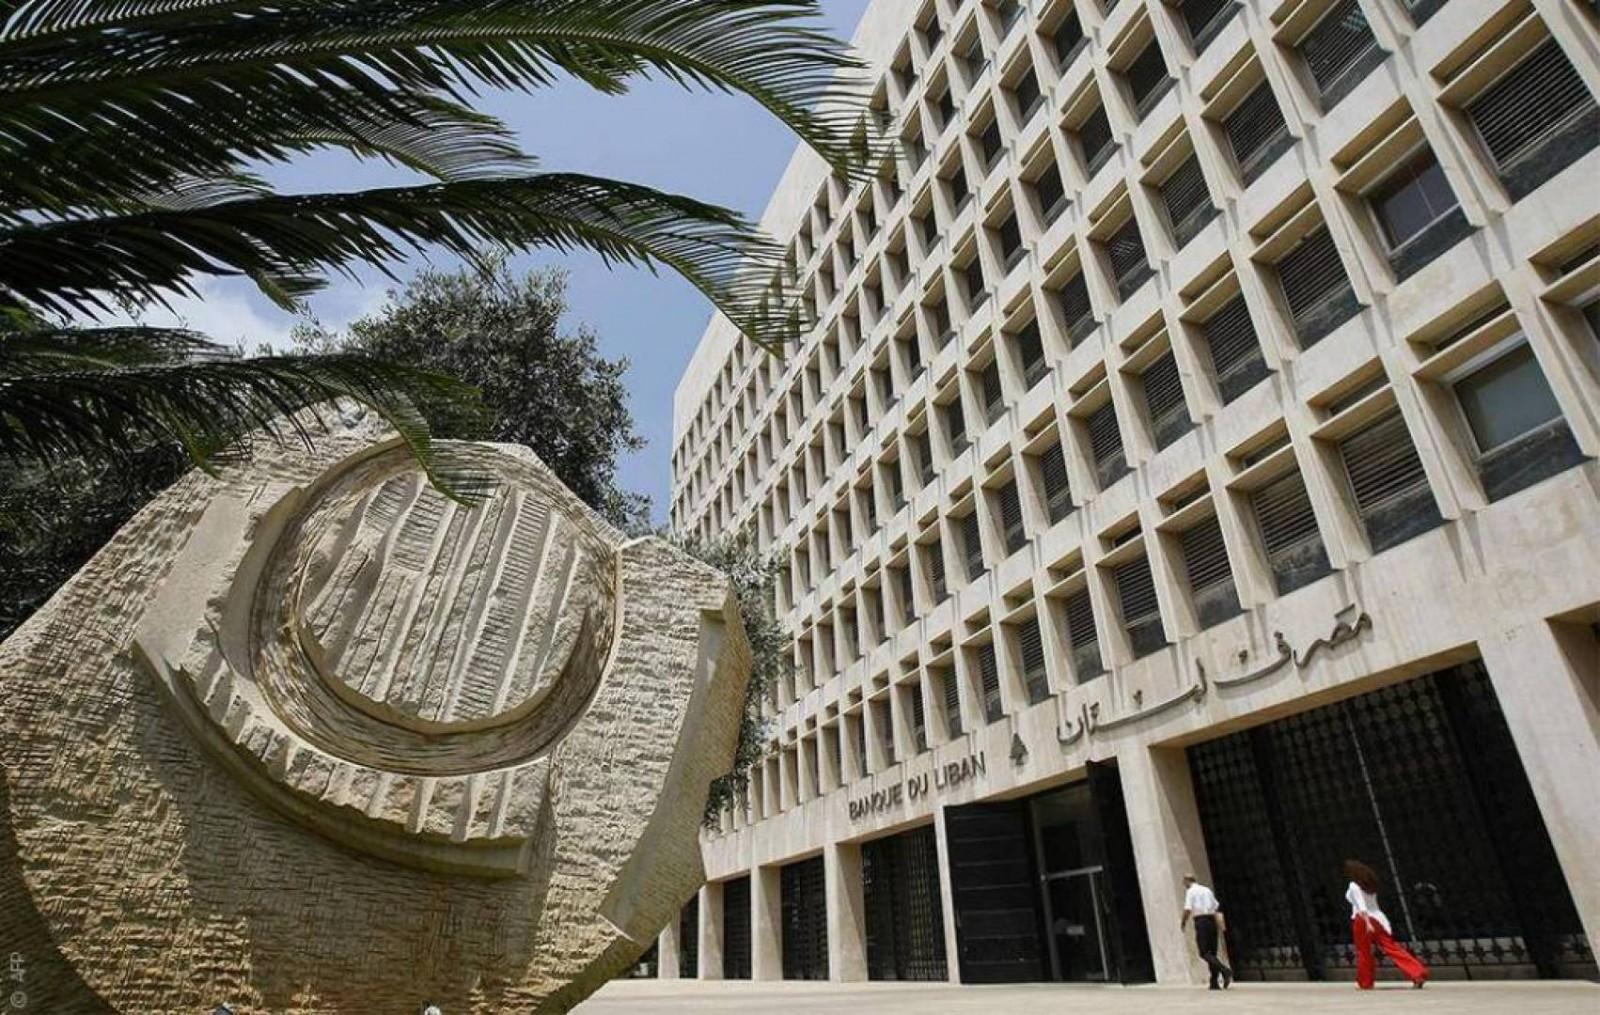 خاص بالفيديو- مصرف لبنان في خطر الضغوطات.. وهل تعود الخروقات الأمنية الحدودية؟